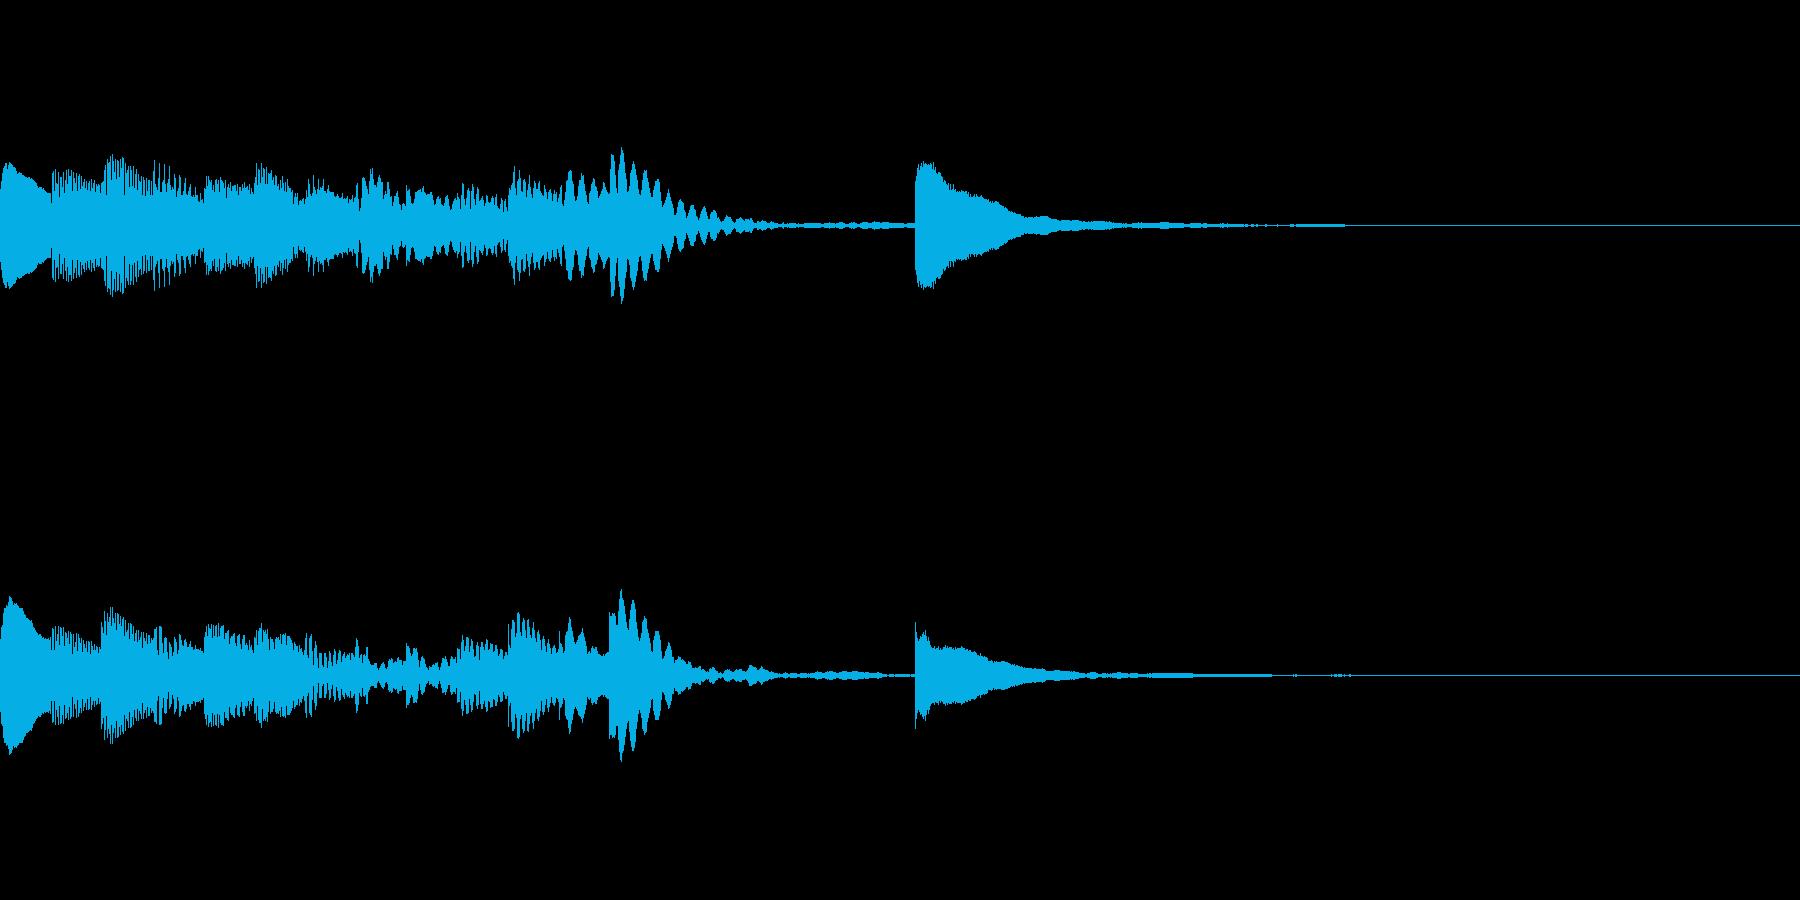 マリンバの短いジングル3の再生済みの波形